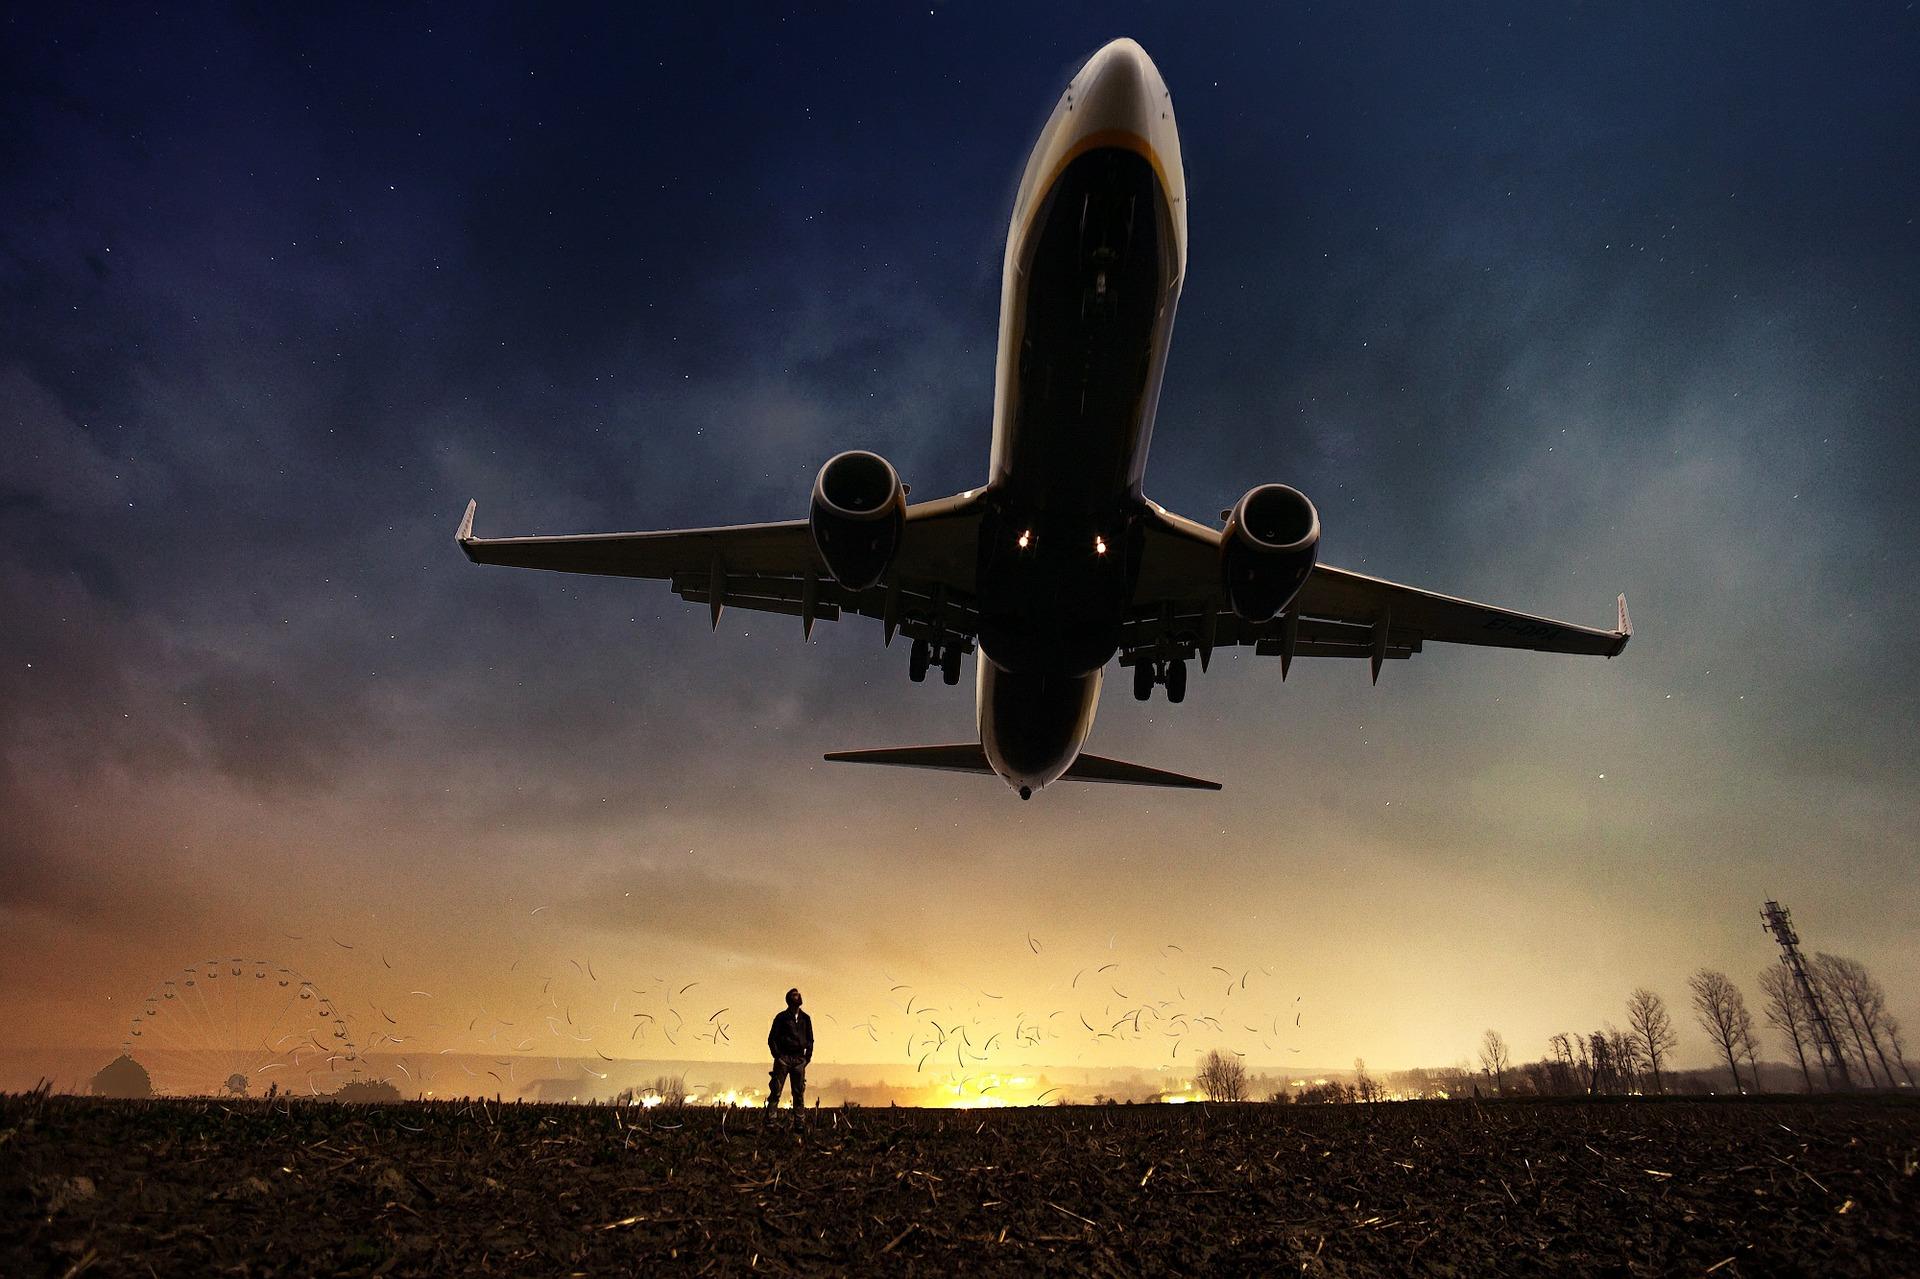 海外で起業したい!海外で起業するための心得とは?